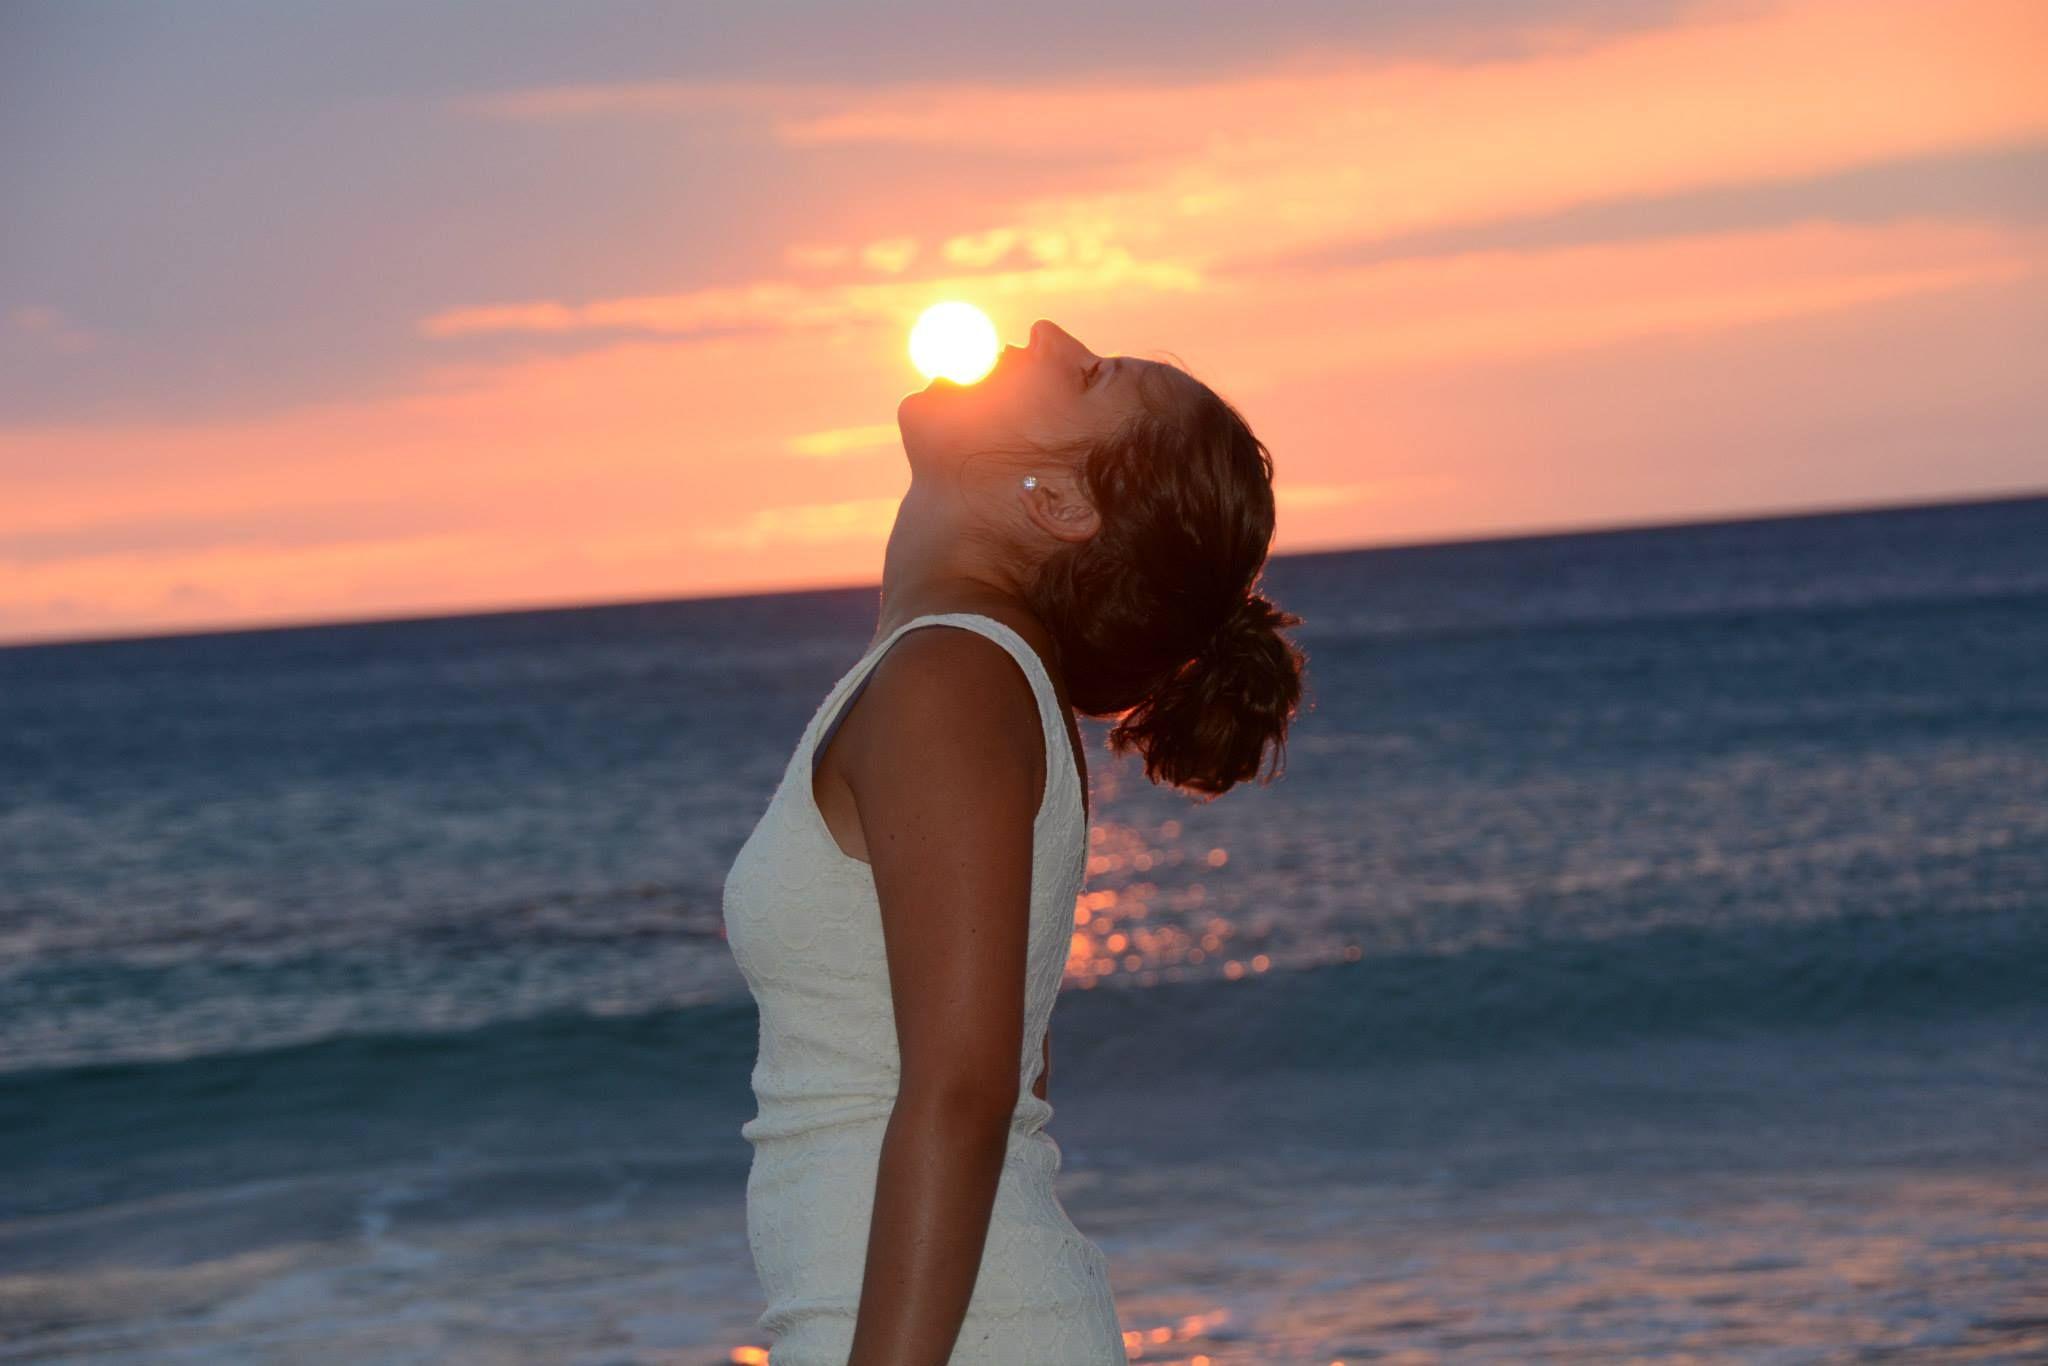 Hawaii Big Island Sunset! #aupair #travel #hawaii #aupairadventures  aupairadventures.com